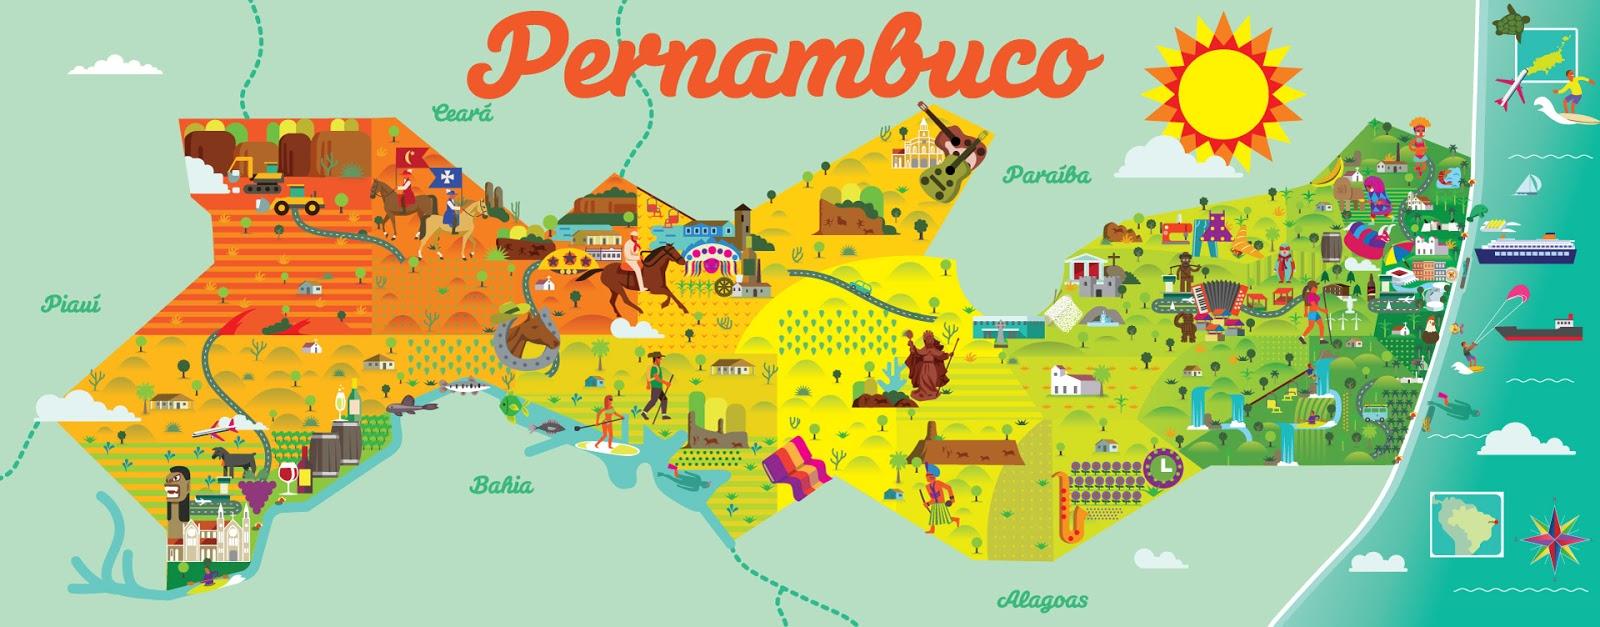 Como reduzir distâncias e conhecer o interior do estado de Pernambuco – Revista Torque